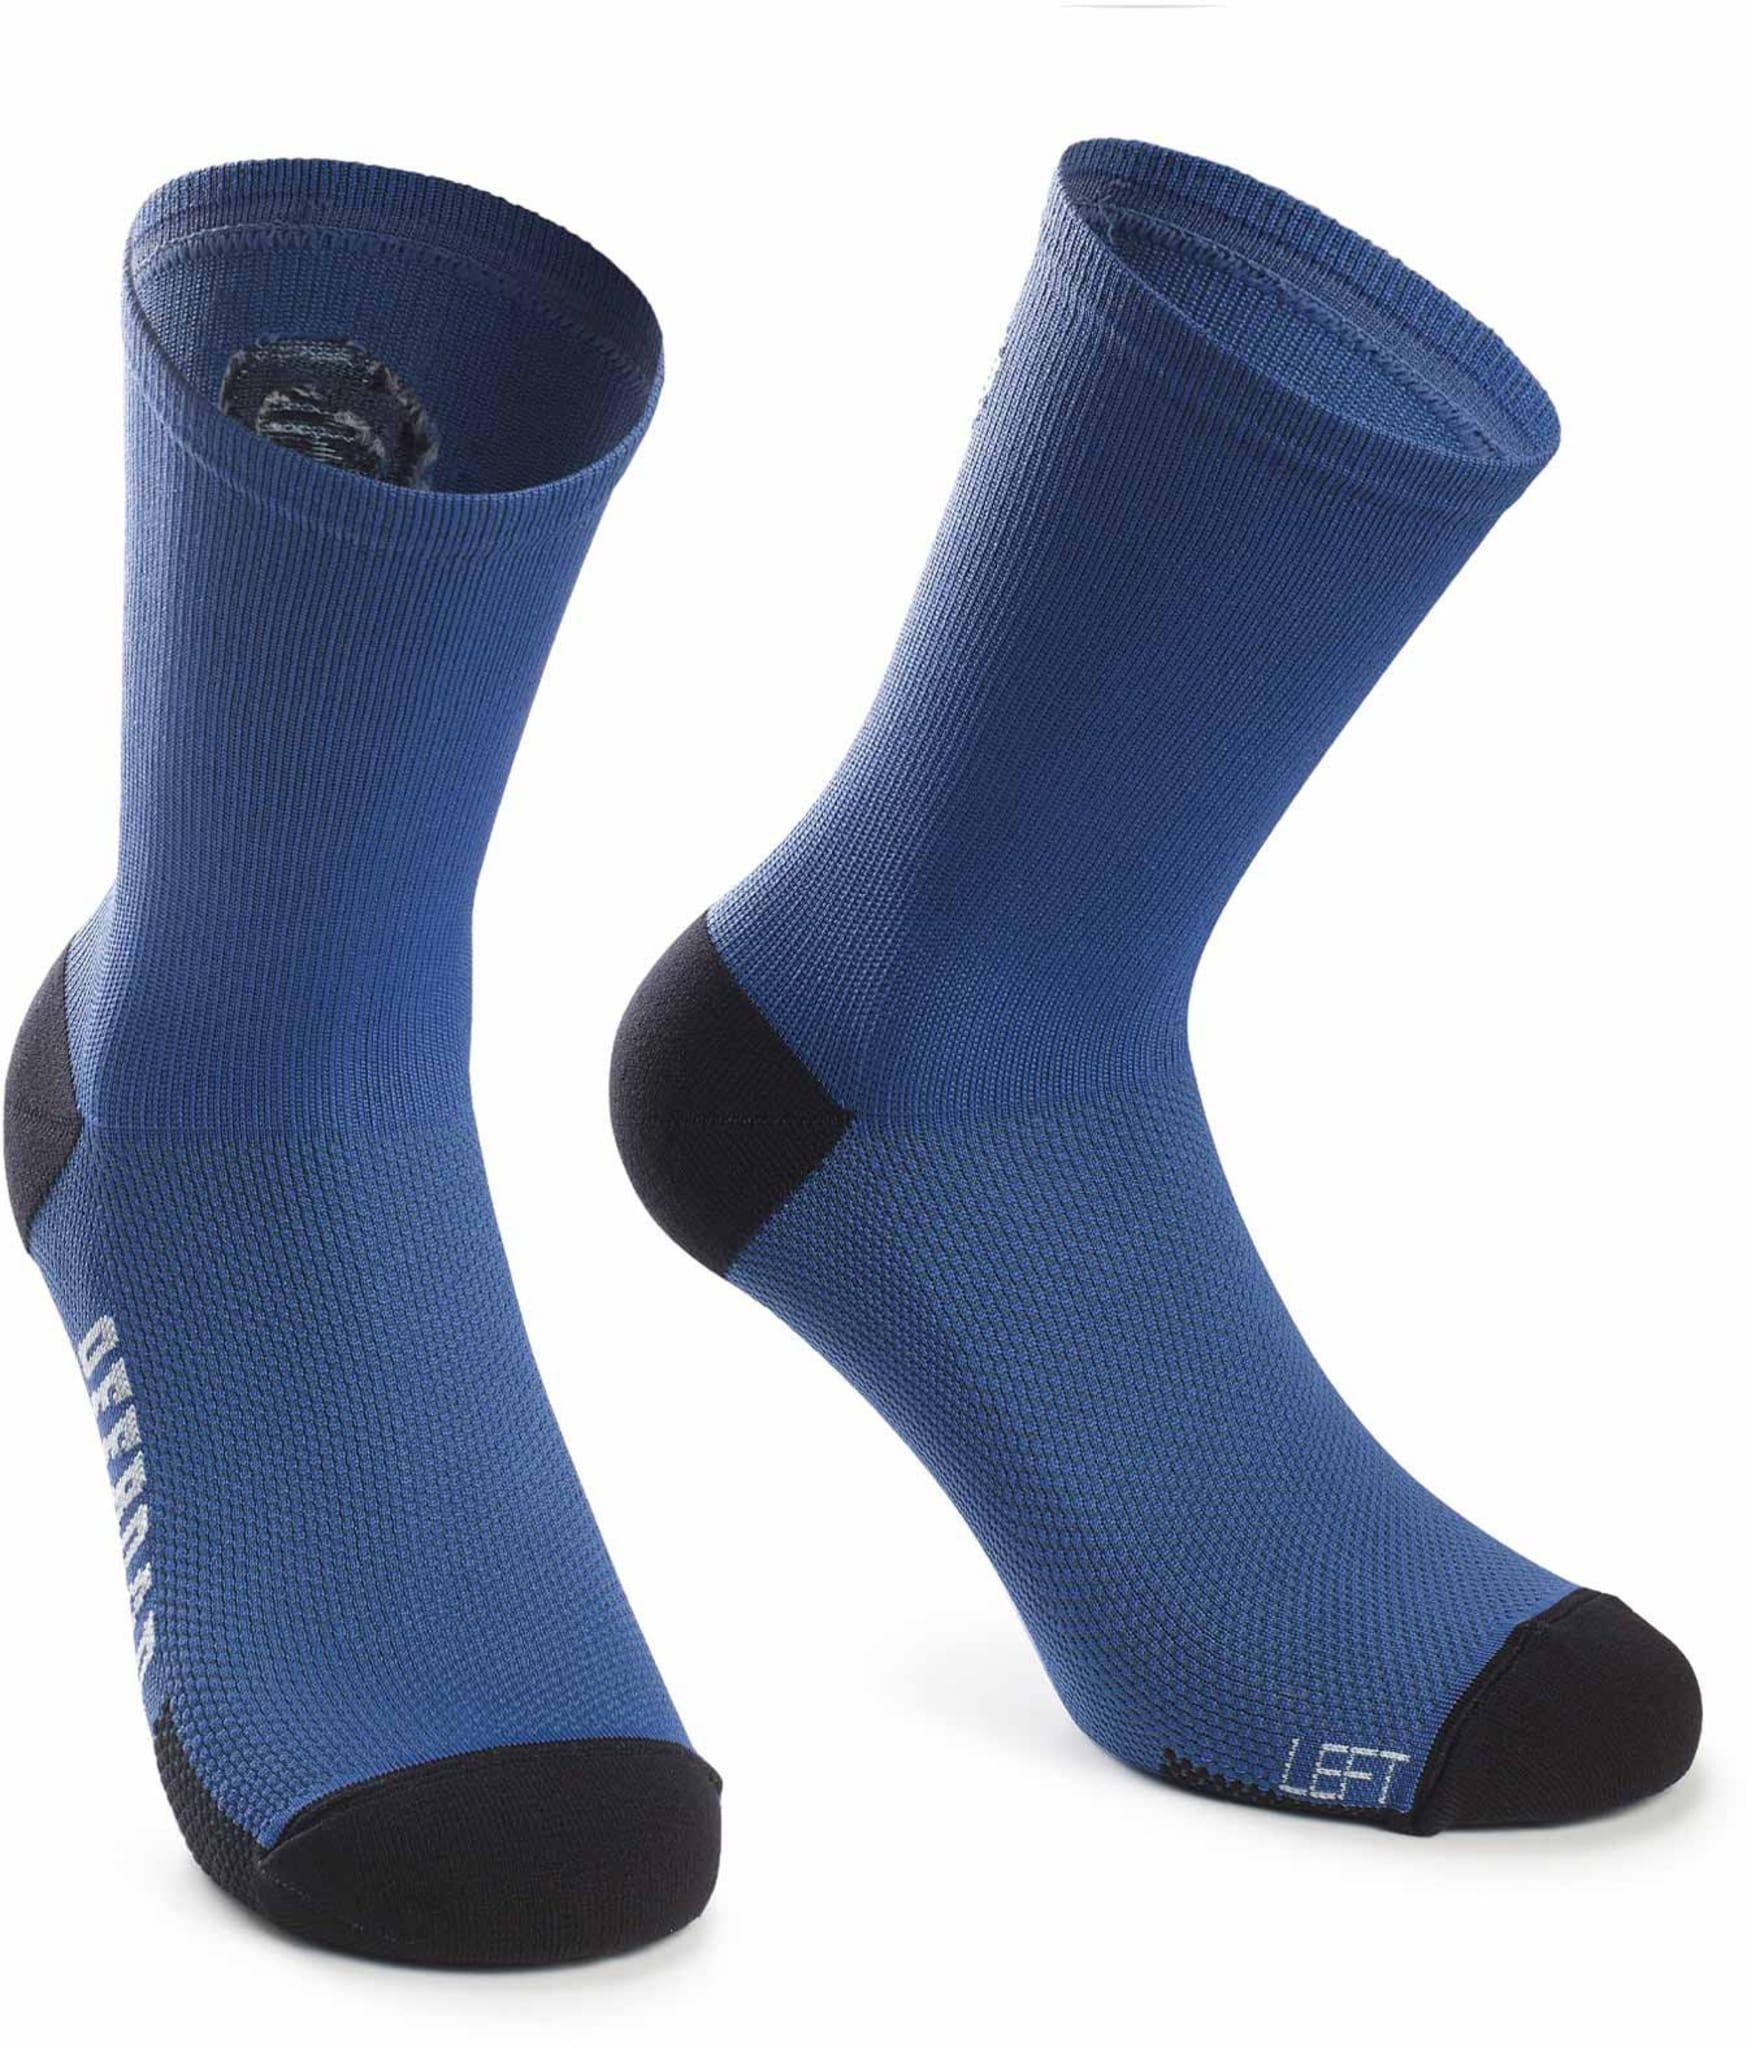 XC Socks